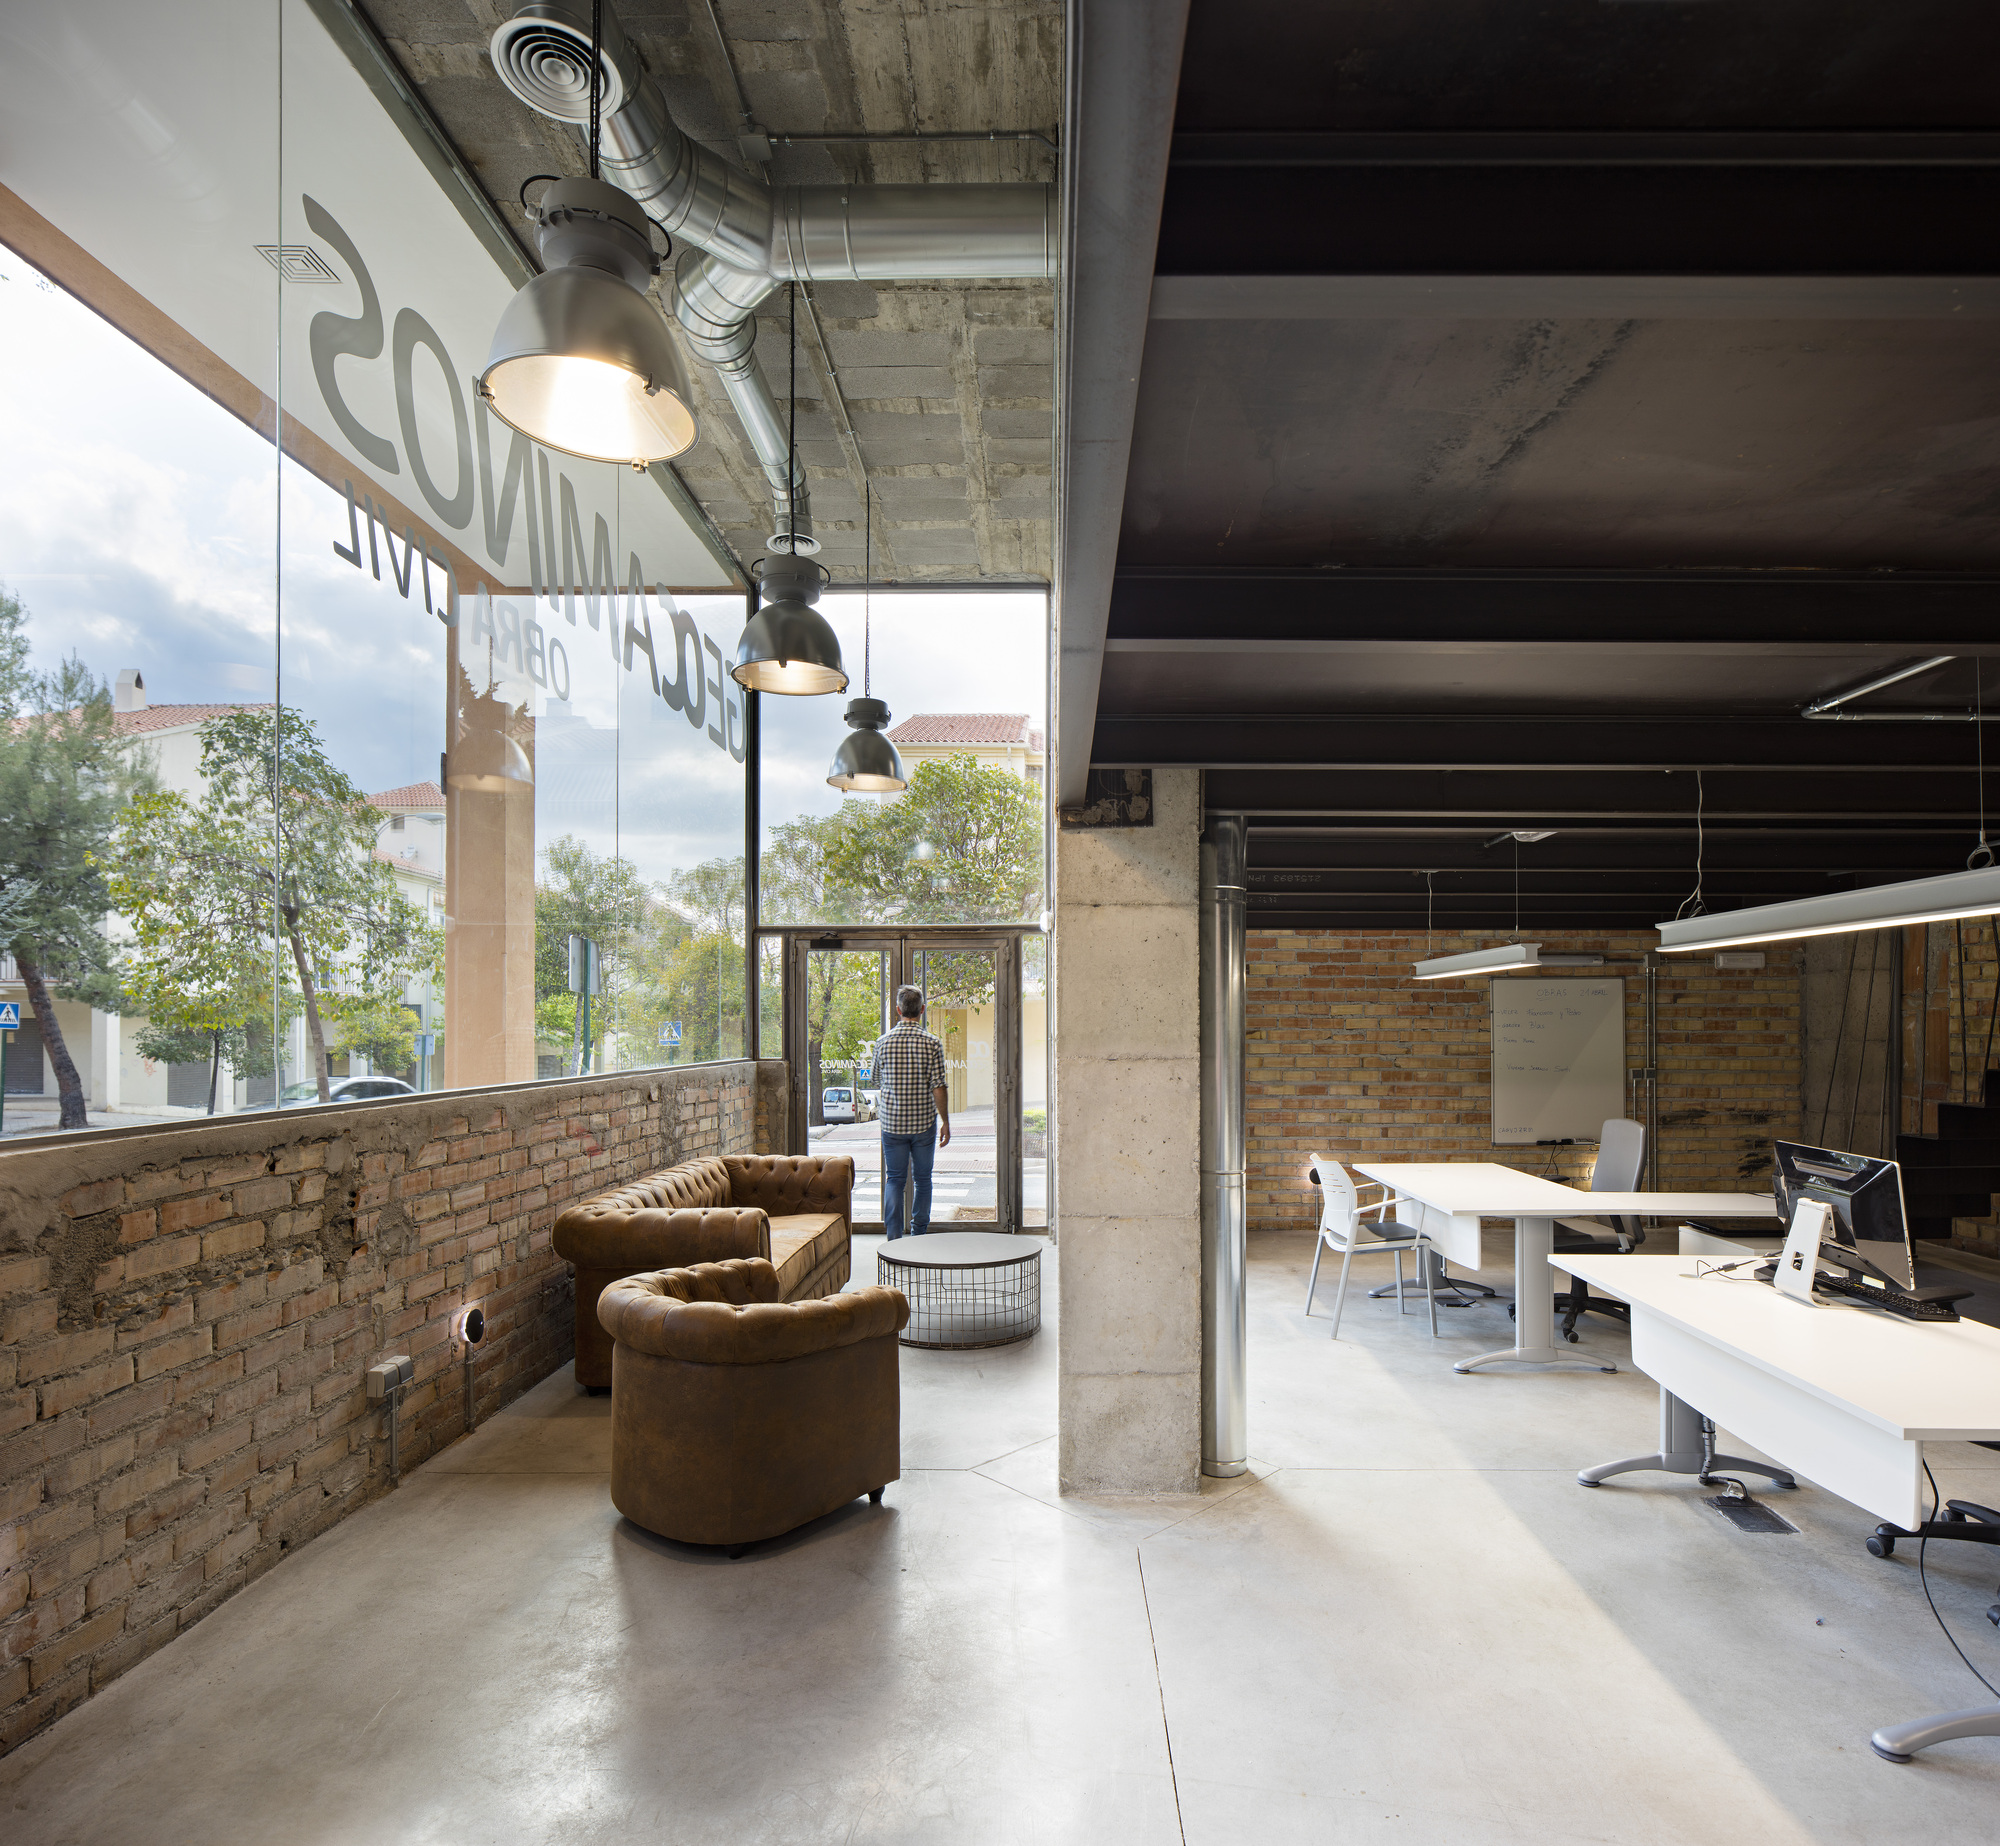 Oficinas geocaminos arias recalde taller de arquitectura for Oficinas arquitectura